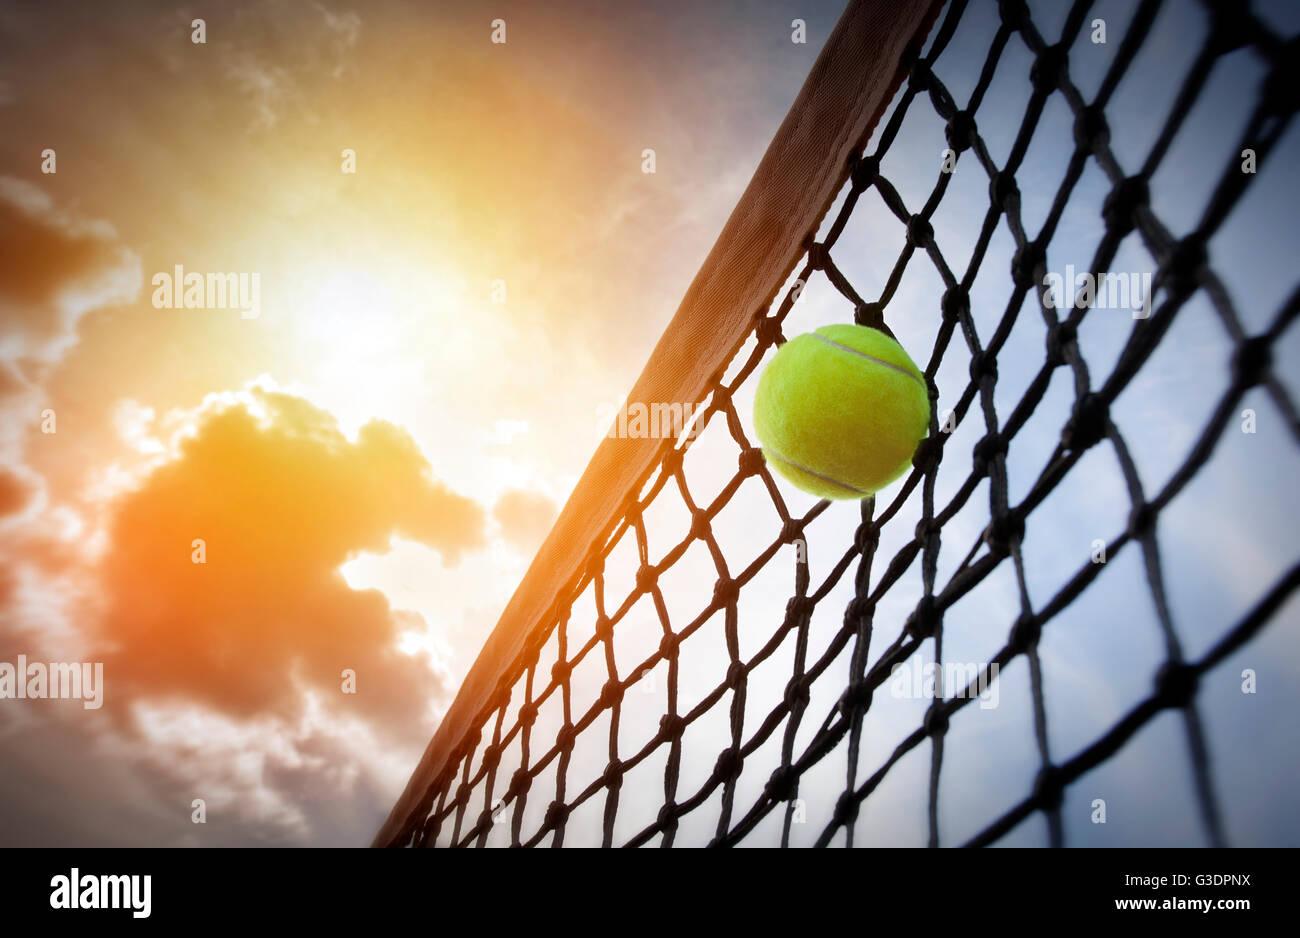 Pelota de Tenis en una cancha de tenis Imagen De Stock